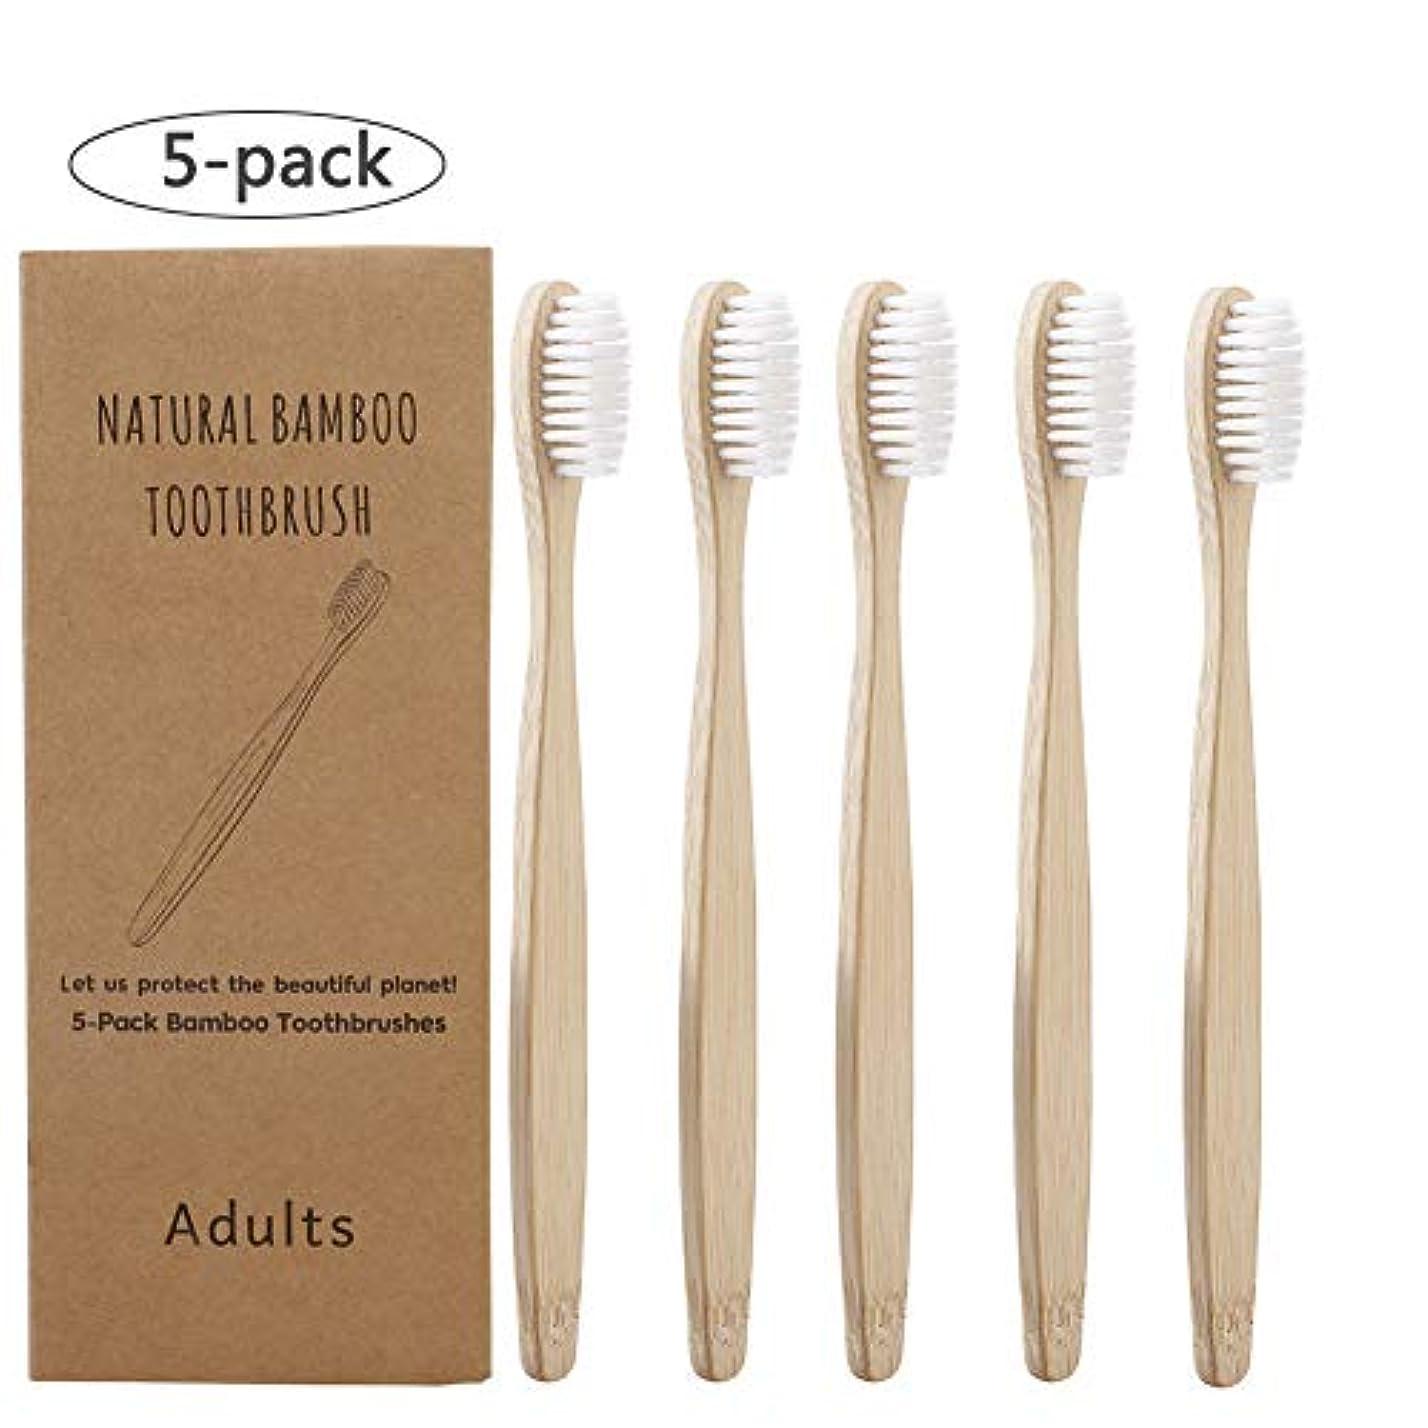 治世絶妙悲惨なDoo 5pcs 竹の歯ブラシ 大人用 柔らかい剛毛 環境保護 自然竹ハンドル 軟毛歯ブラシ 口腔ケア ホワイト